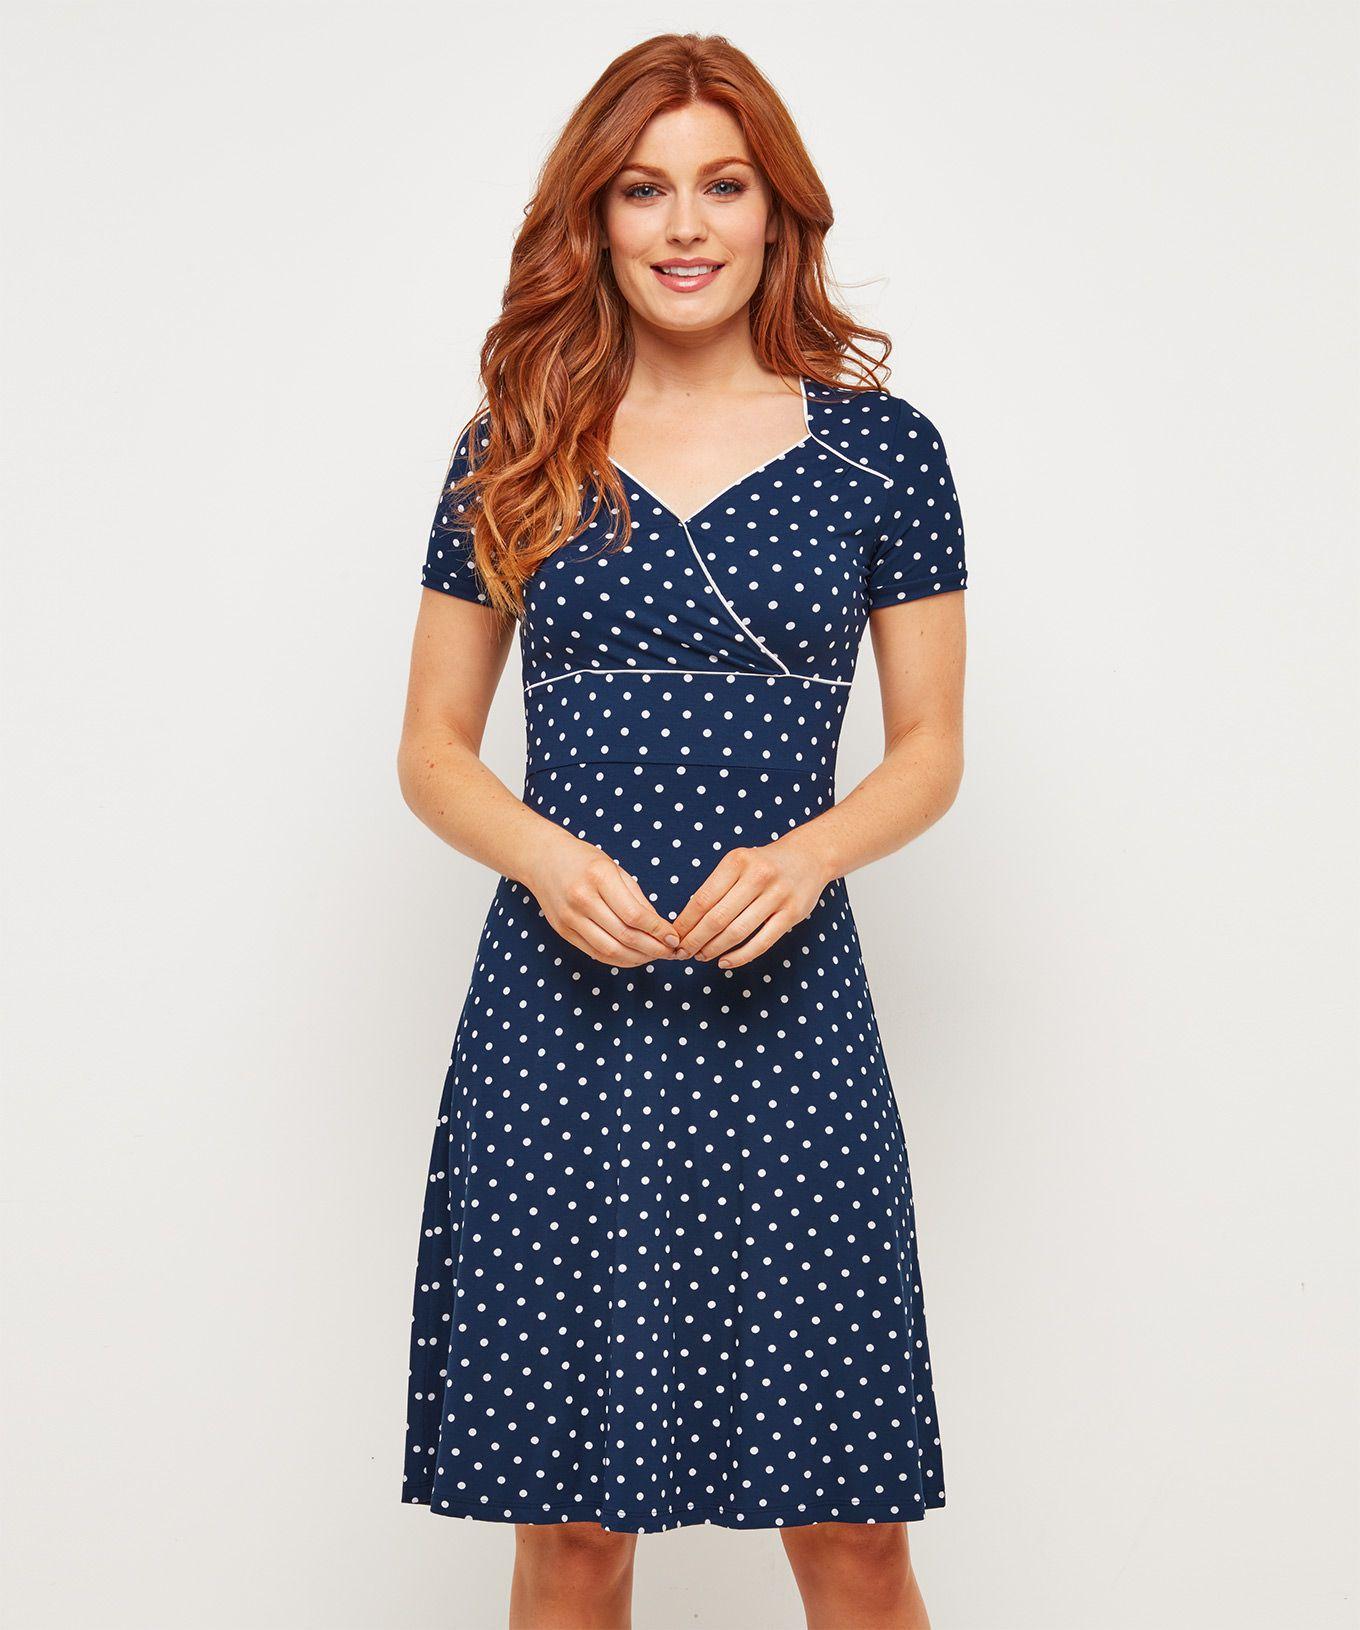 Joe Browns Modré bodkované šaty - JoyStore.sk f76d3a060e1